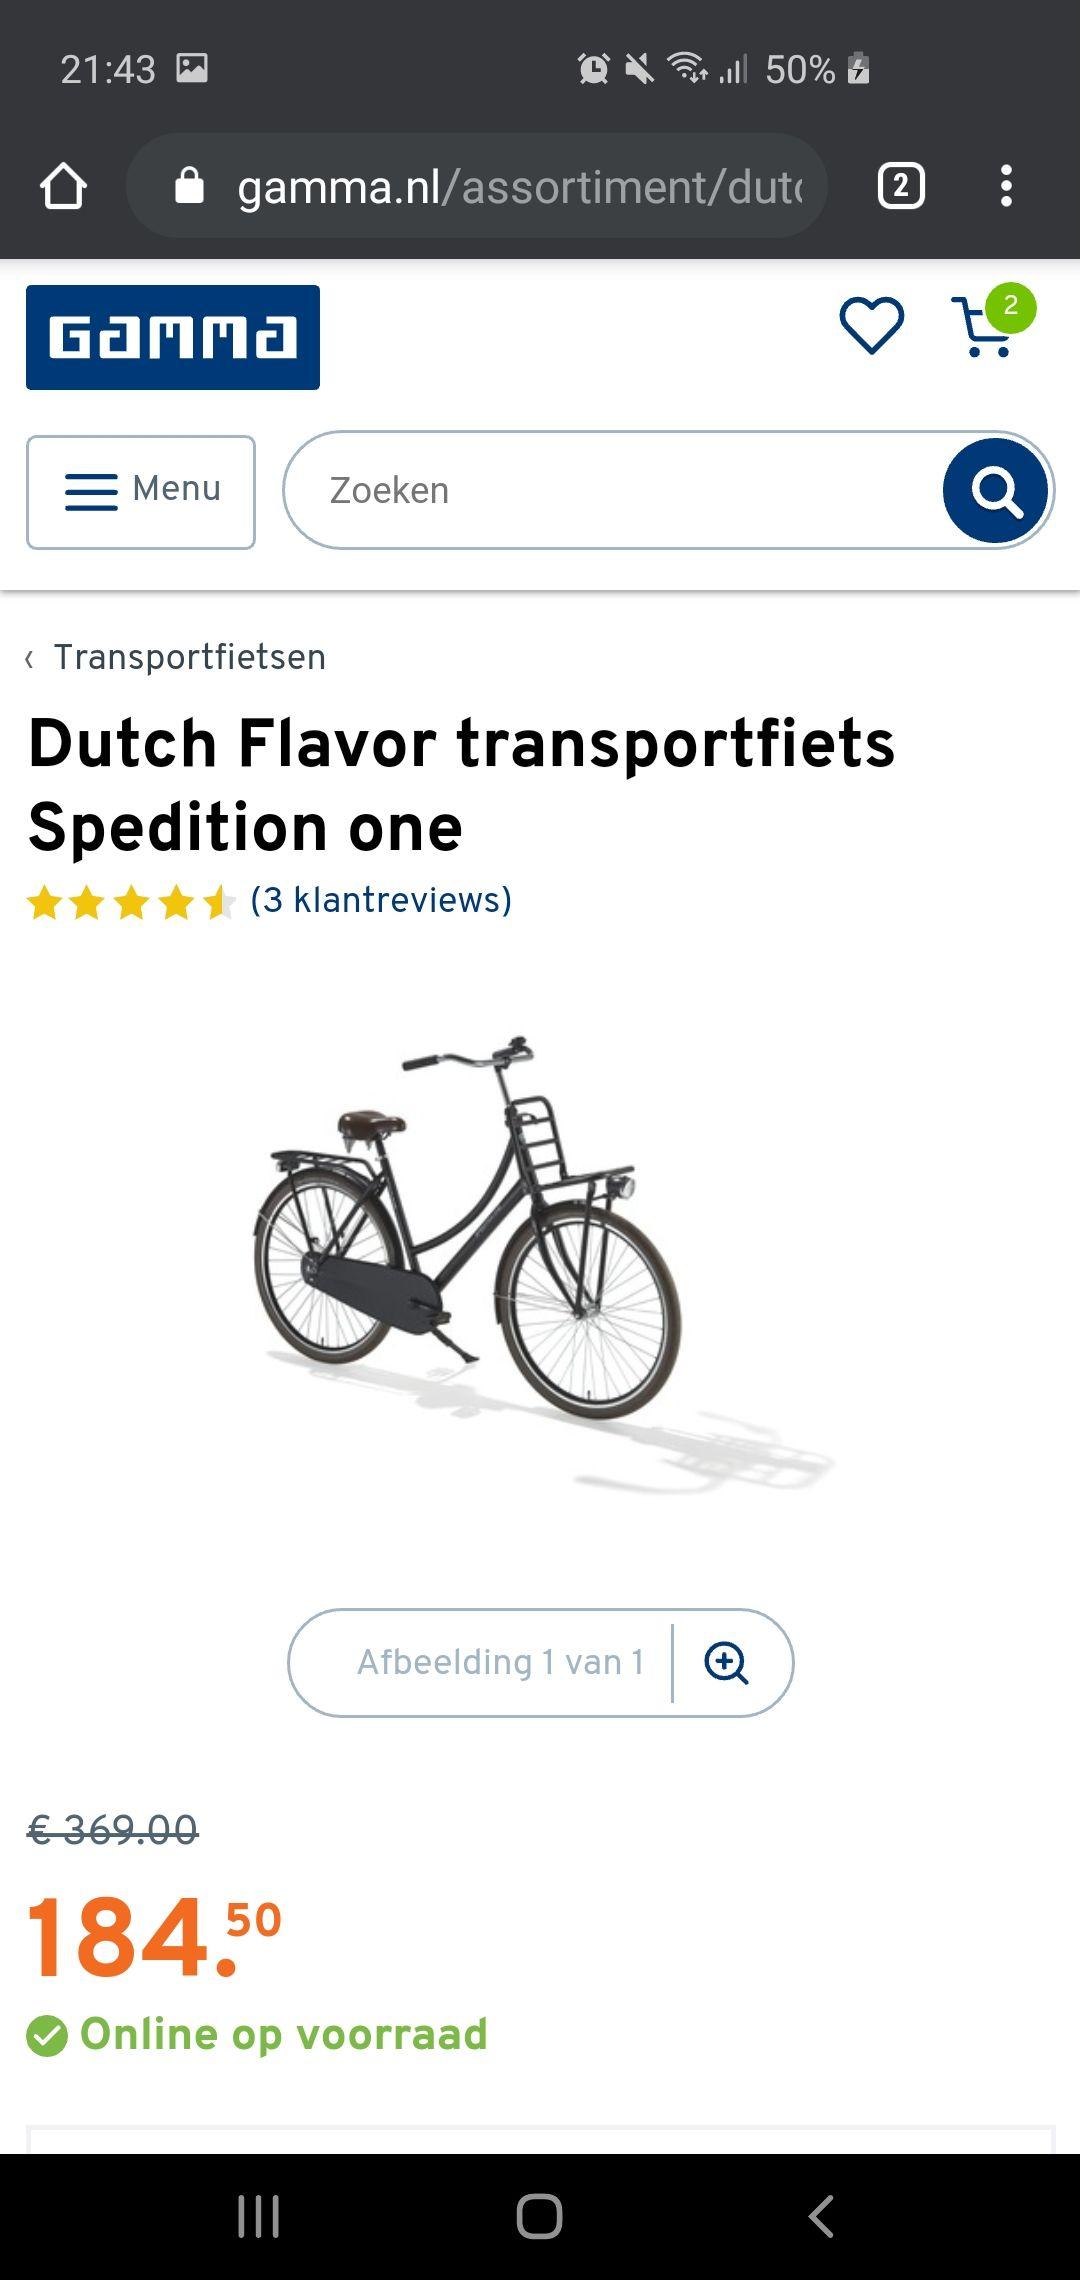 Dutch Flavor transportfiets Spedition one